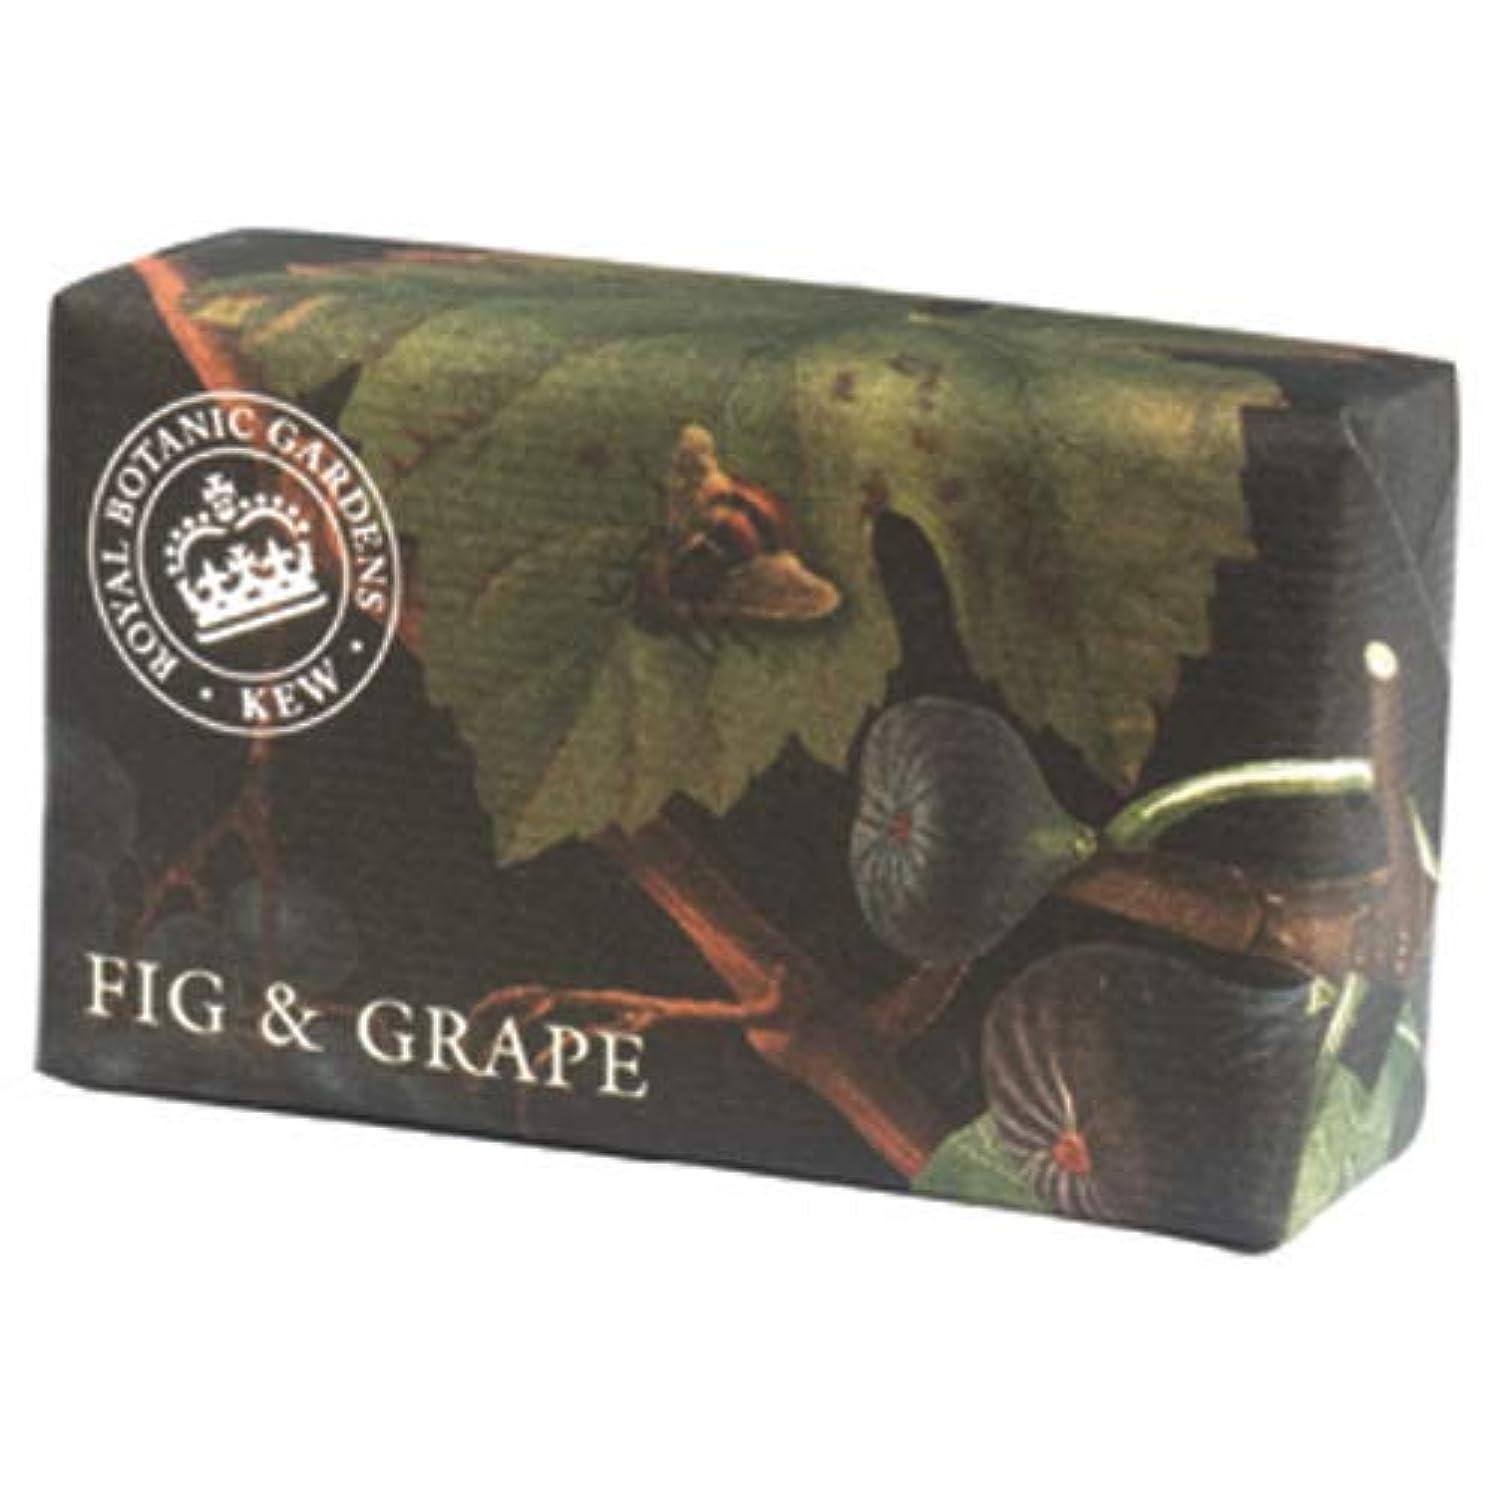 暖かく海嶺バイオリニストEnglish Soap Company イングリッシュソープカンパニー KEW GARDEN キュー?ガーデン Luxury Shea Soaps シアソープ Fig & Grape フィグ&グレープ